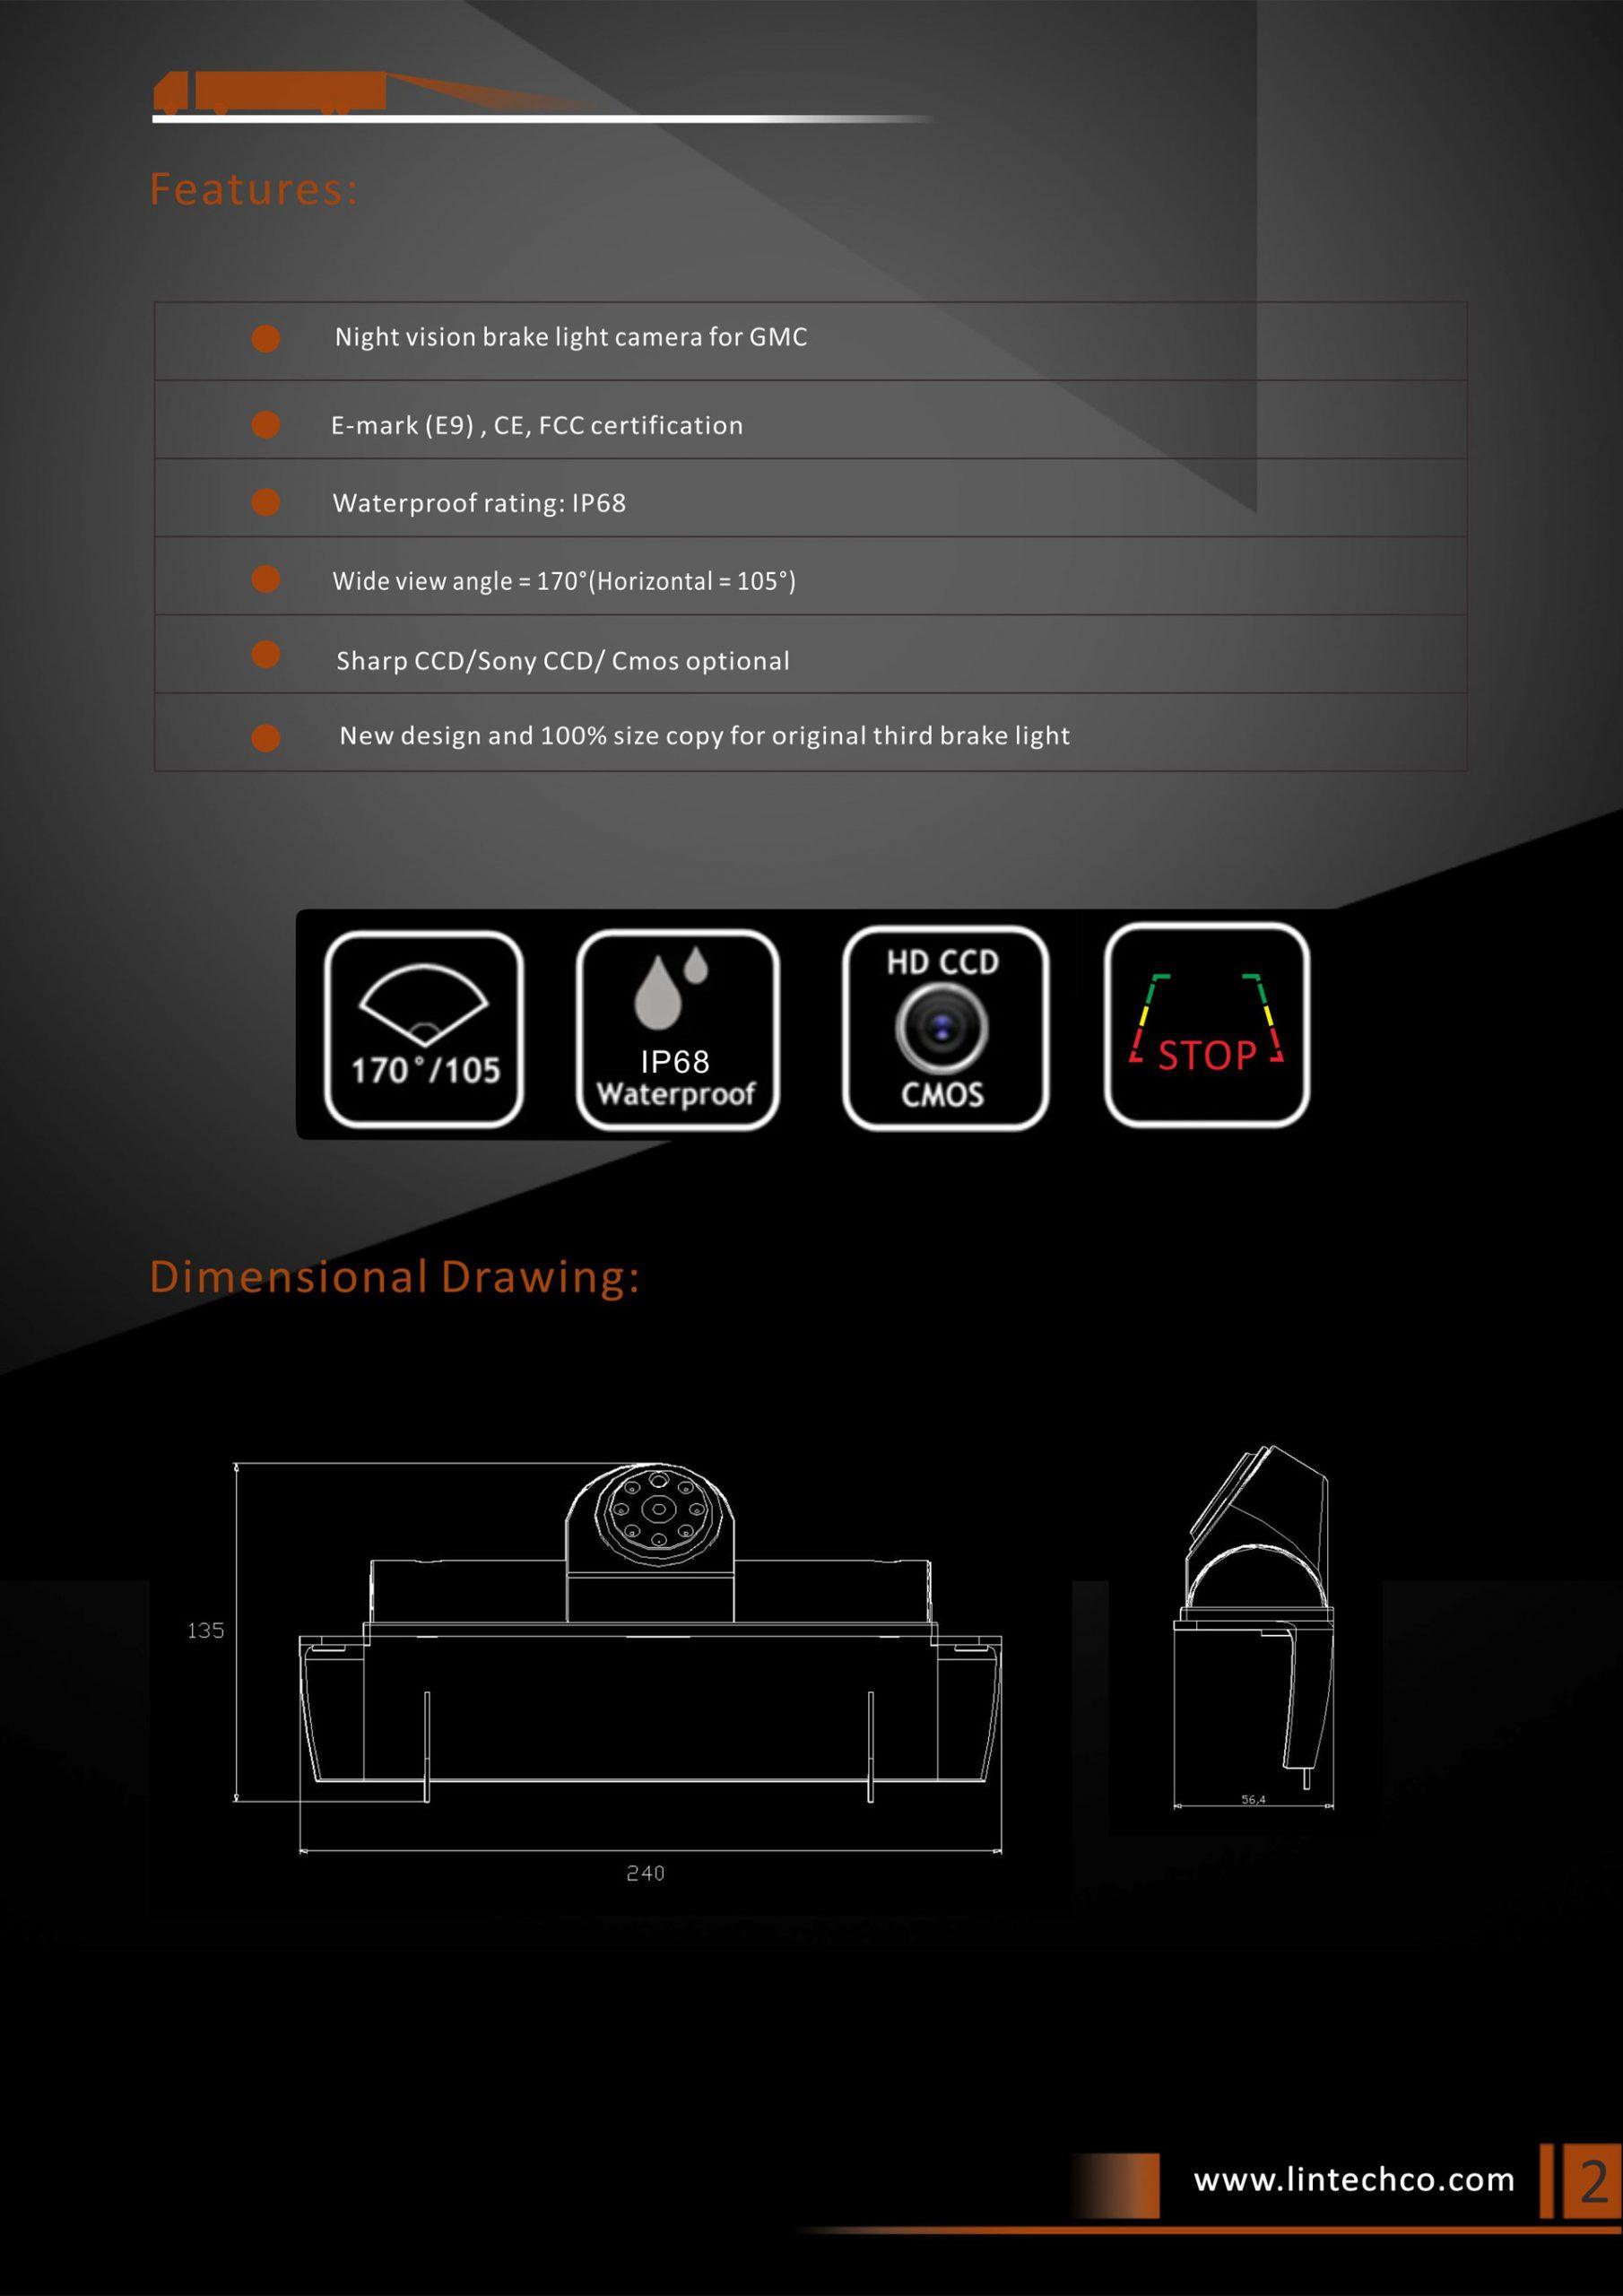 2. Brake Light Backup Camera for GMC